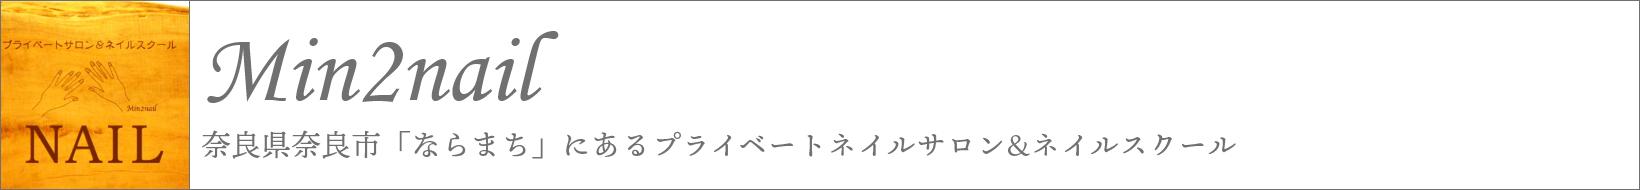 【ならまちのネイルサロン】Min2nail ミンツーネイル